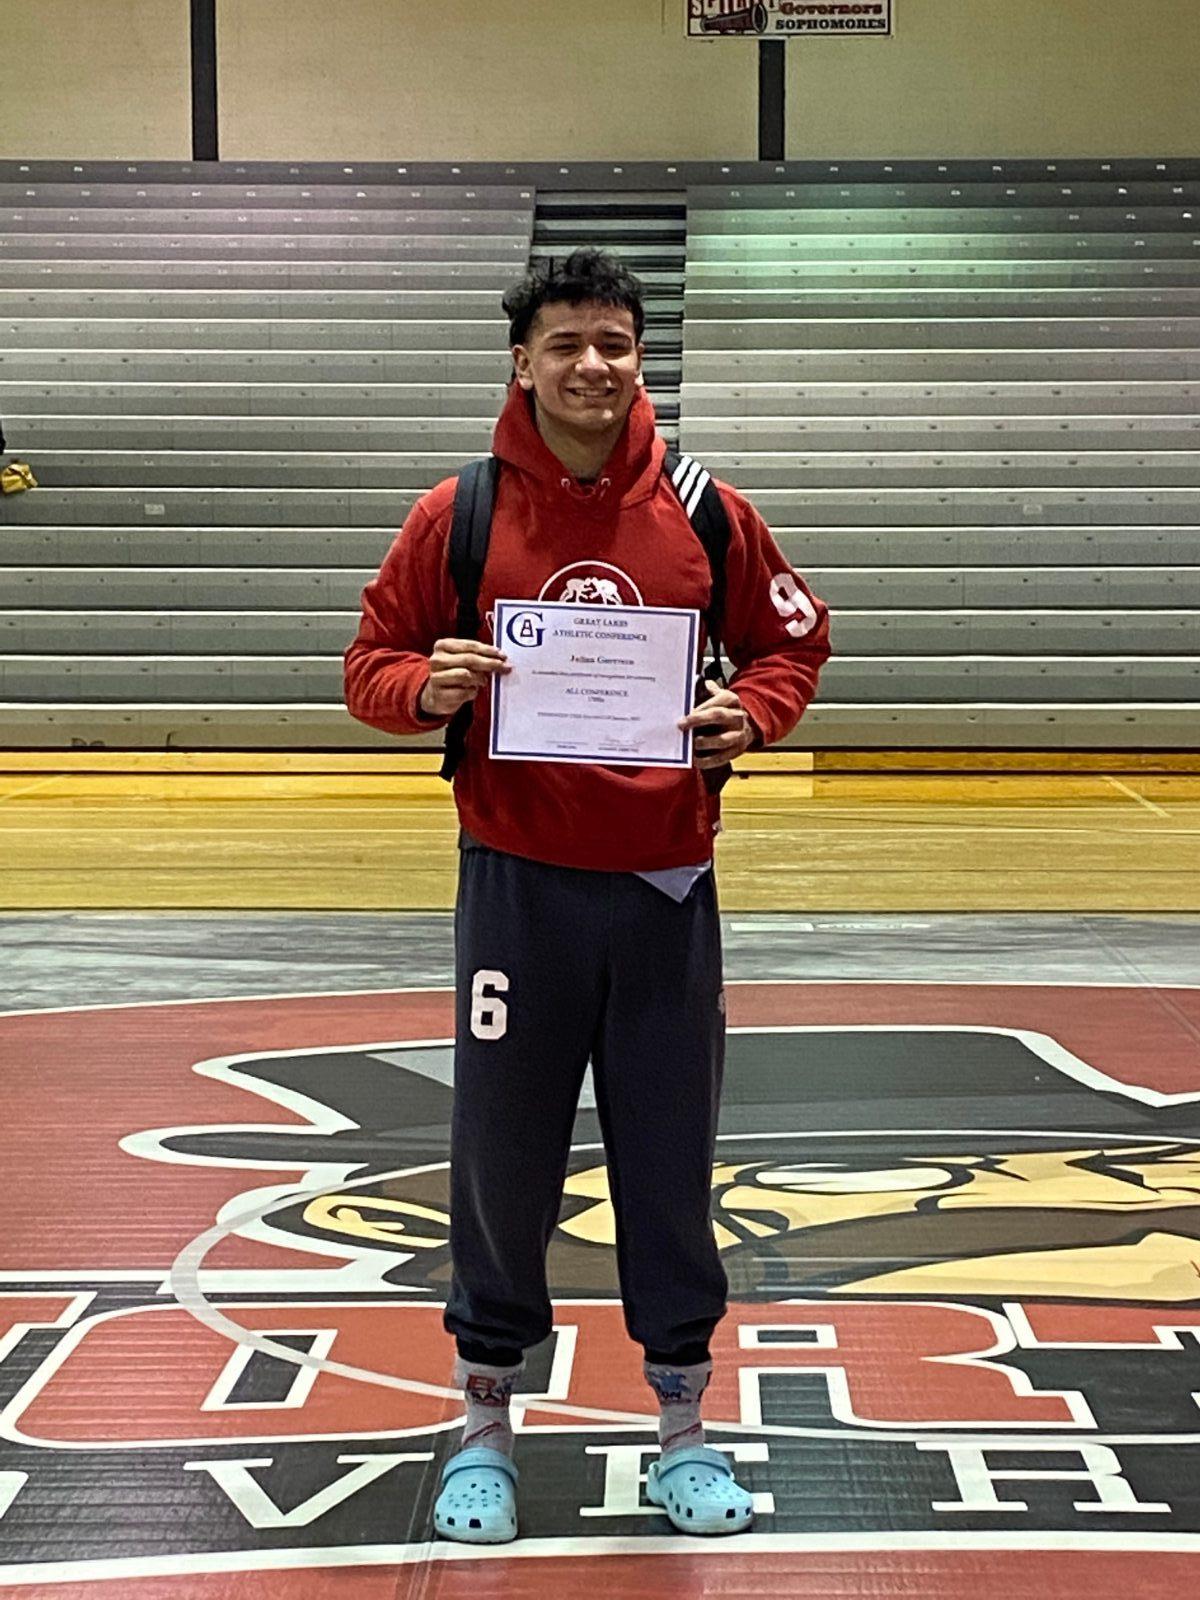 Julian Guerrero GLAC Conference Champion!